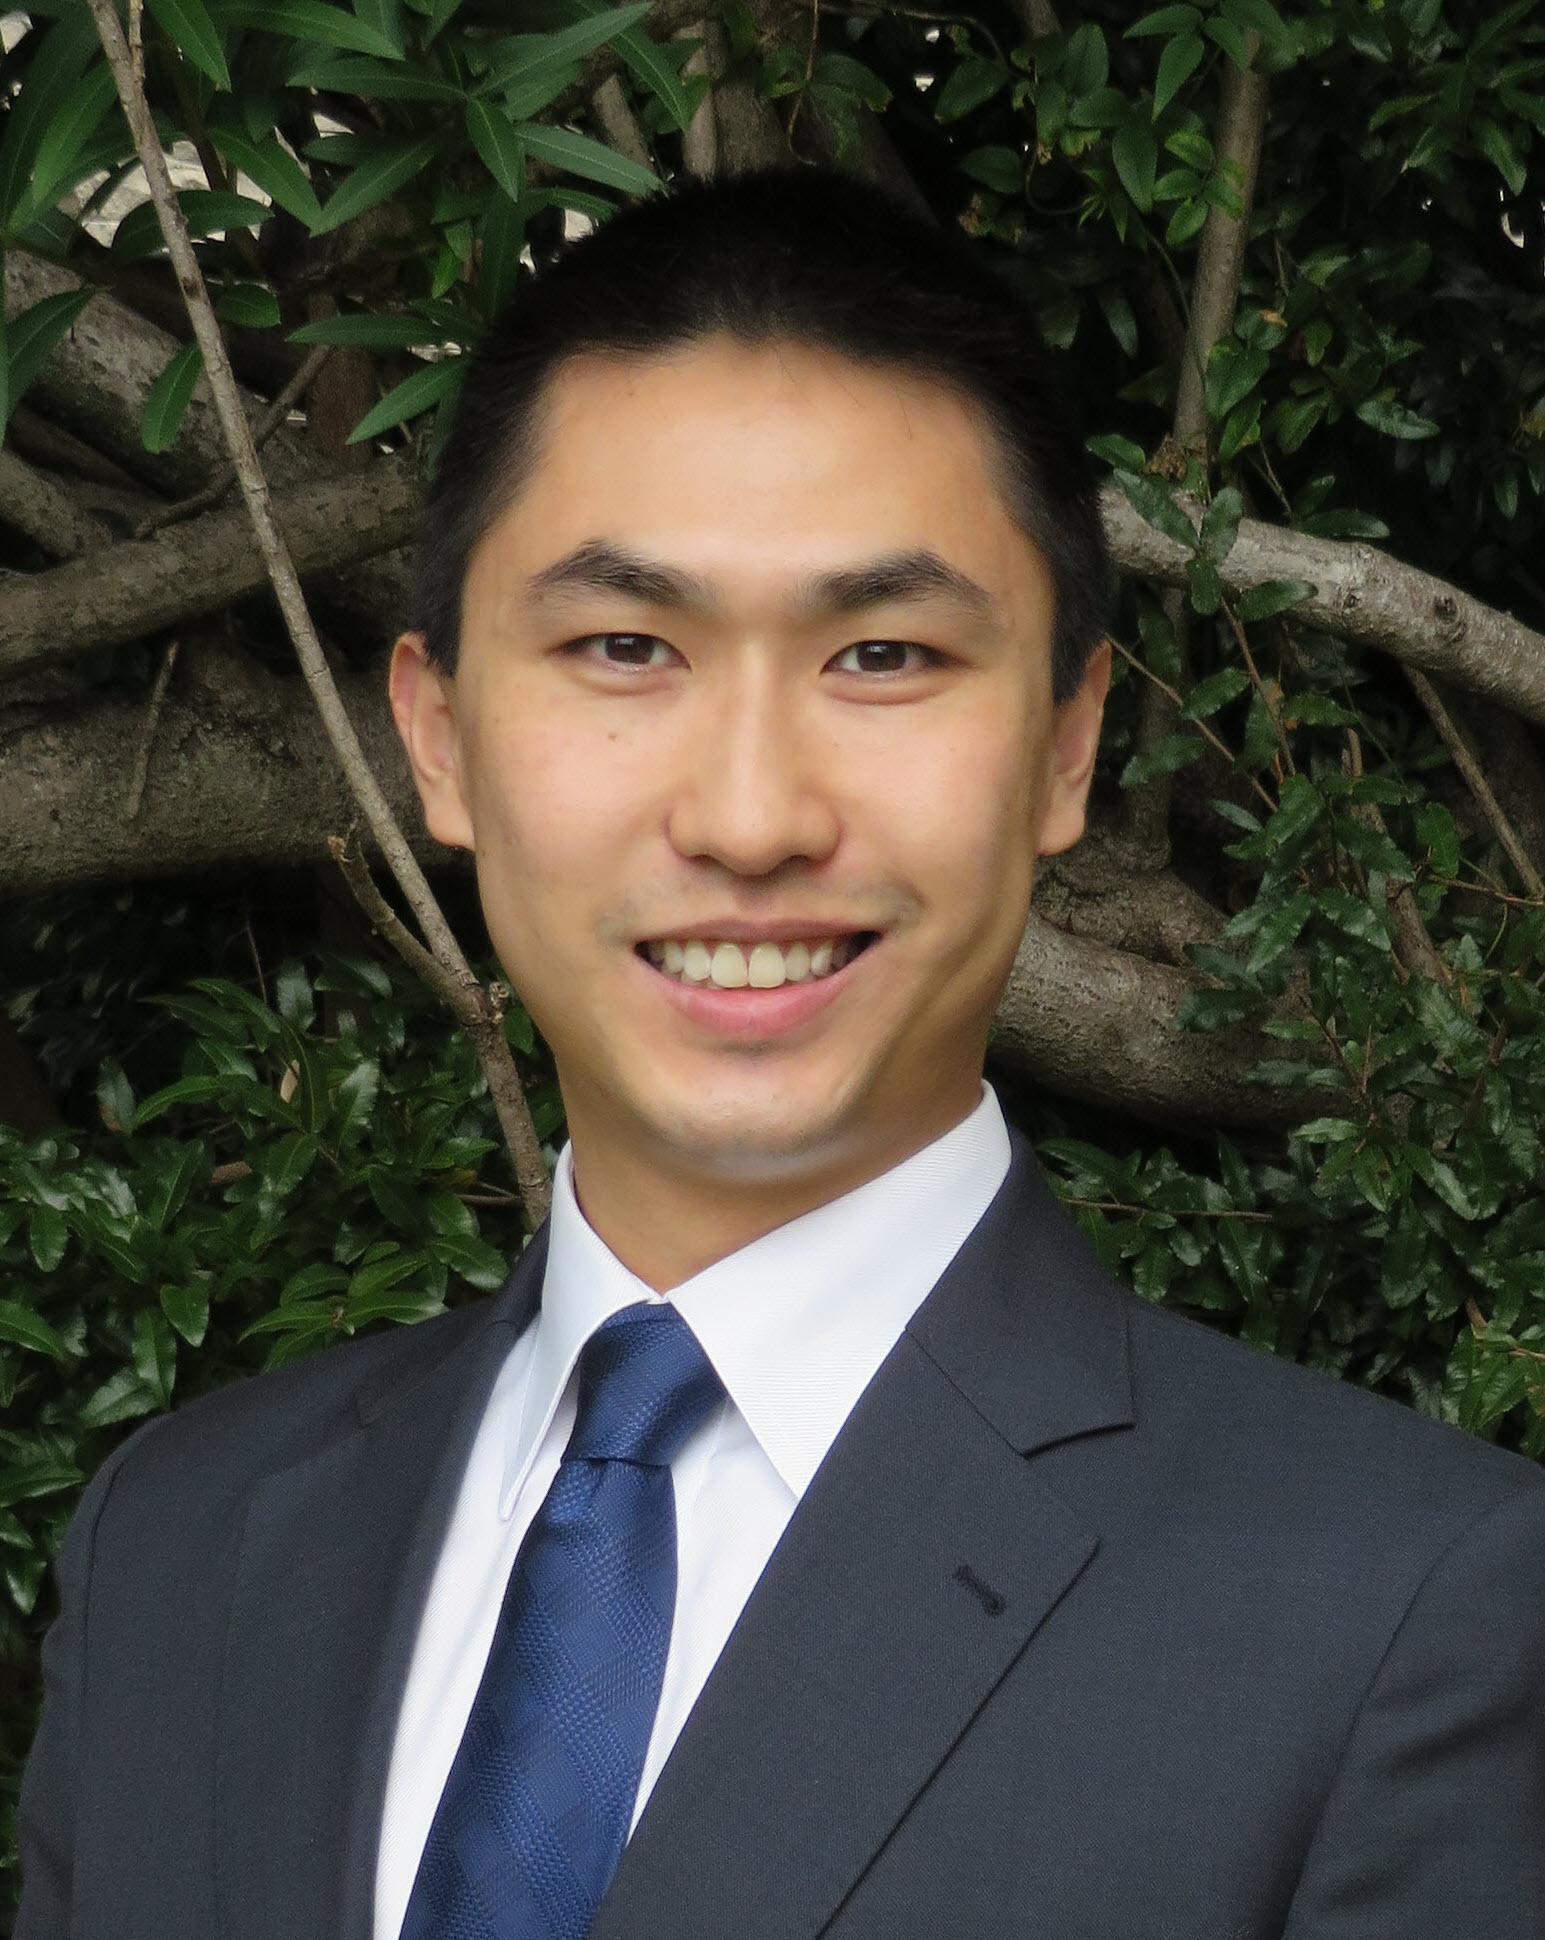 Thomas Chow